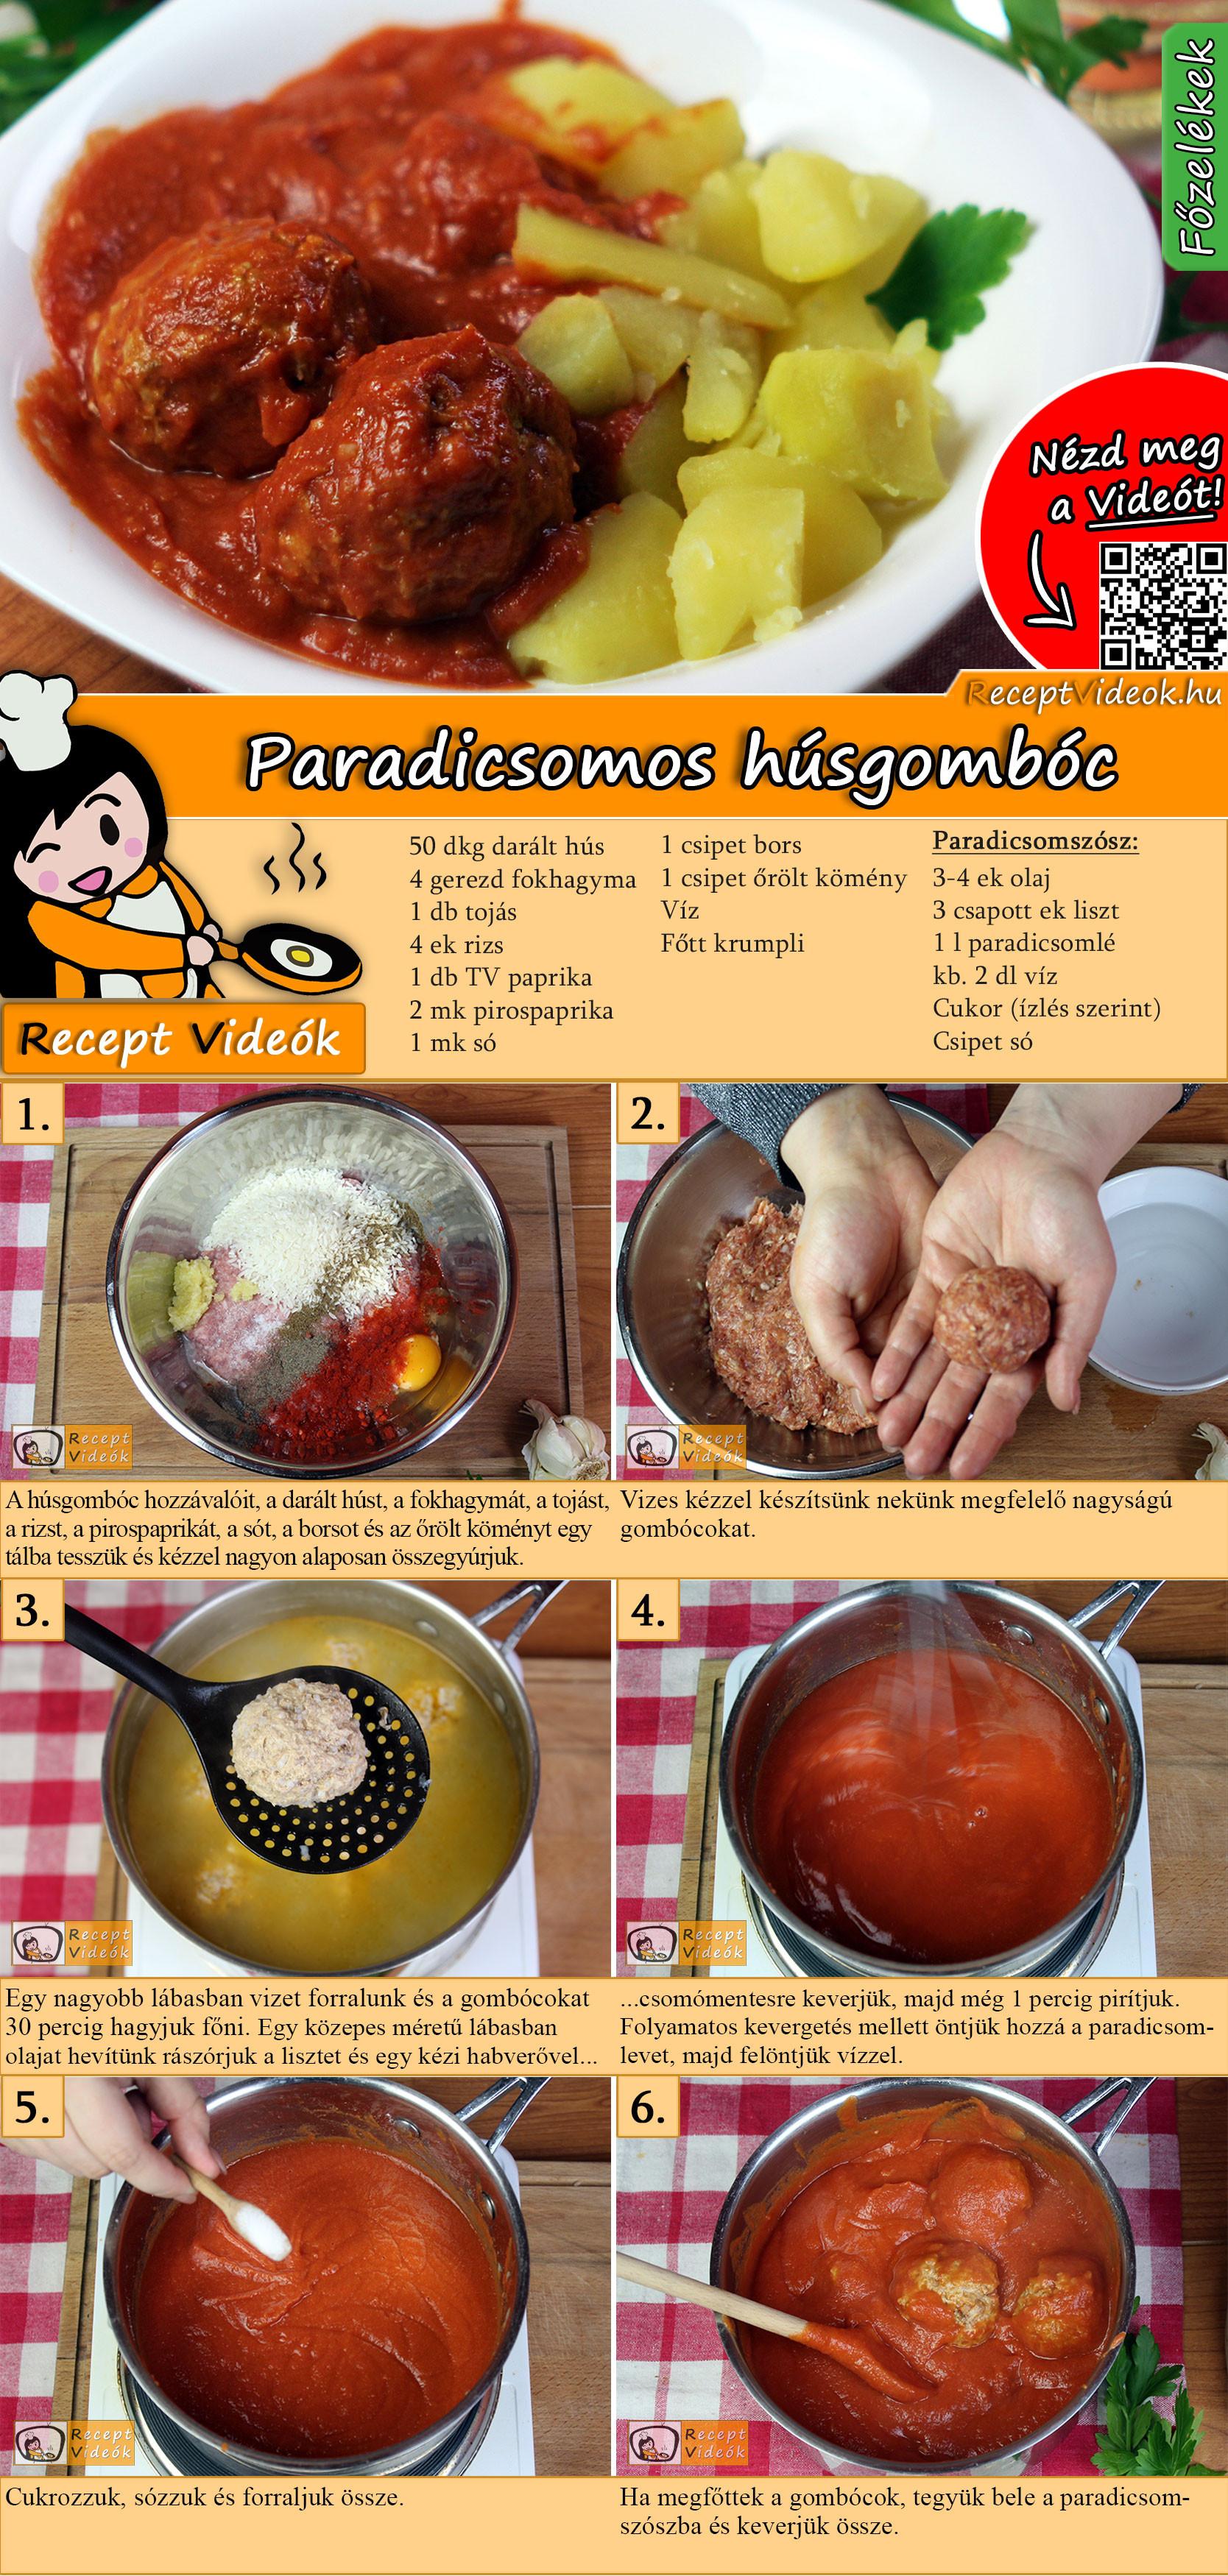 Paradicsomos húsgombóc recept elkészítése videóval